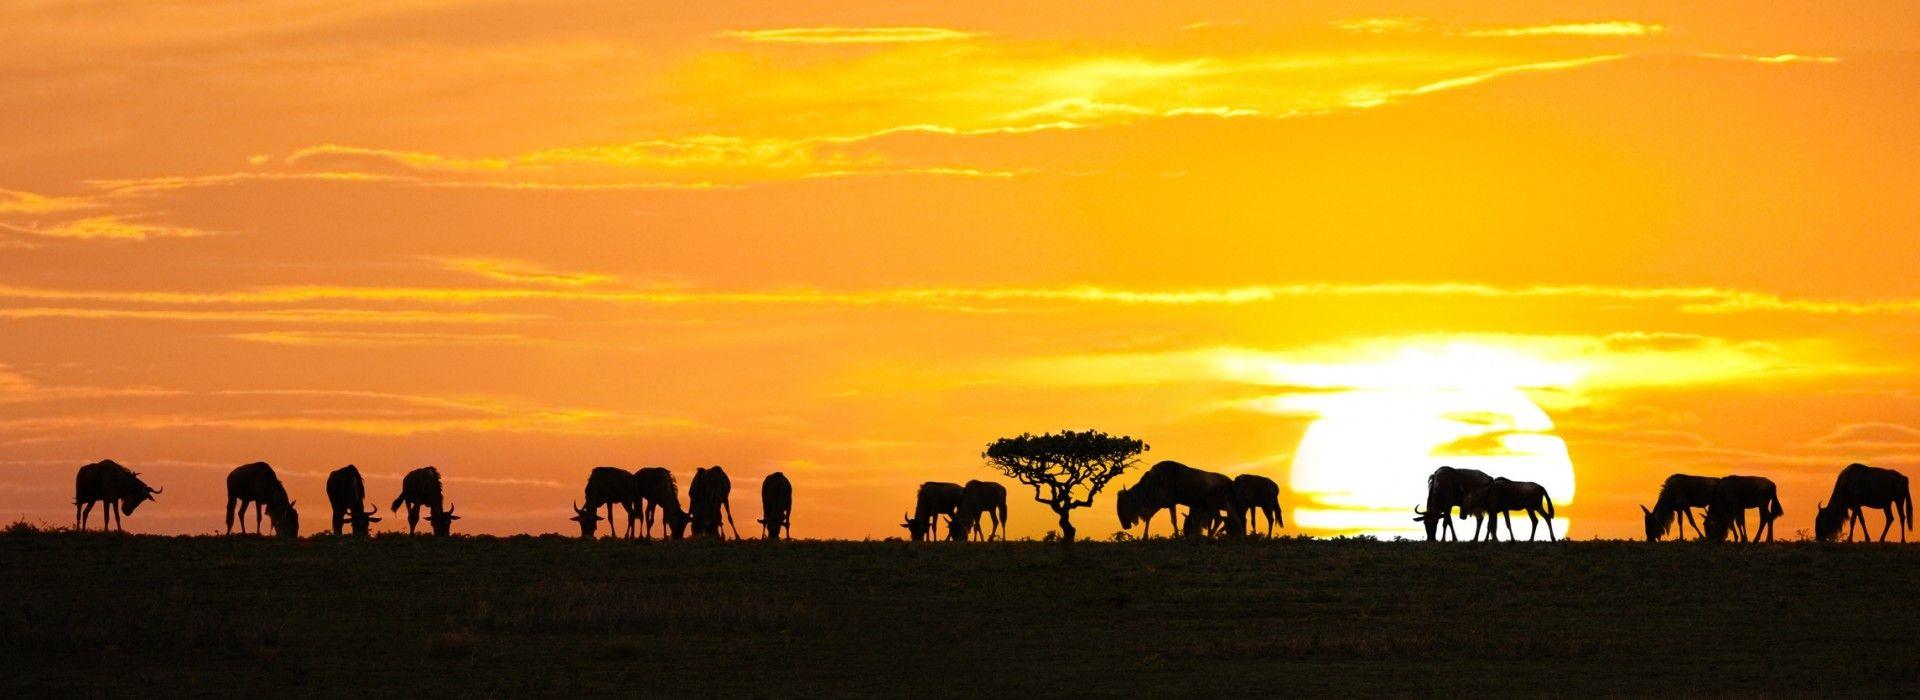 Natural landmarks sightseeing Tours in Serengeti National Park